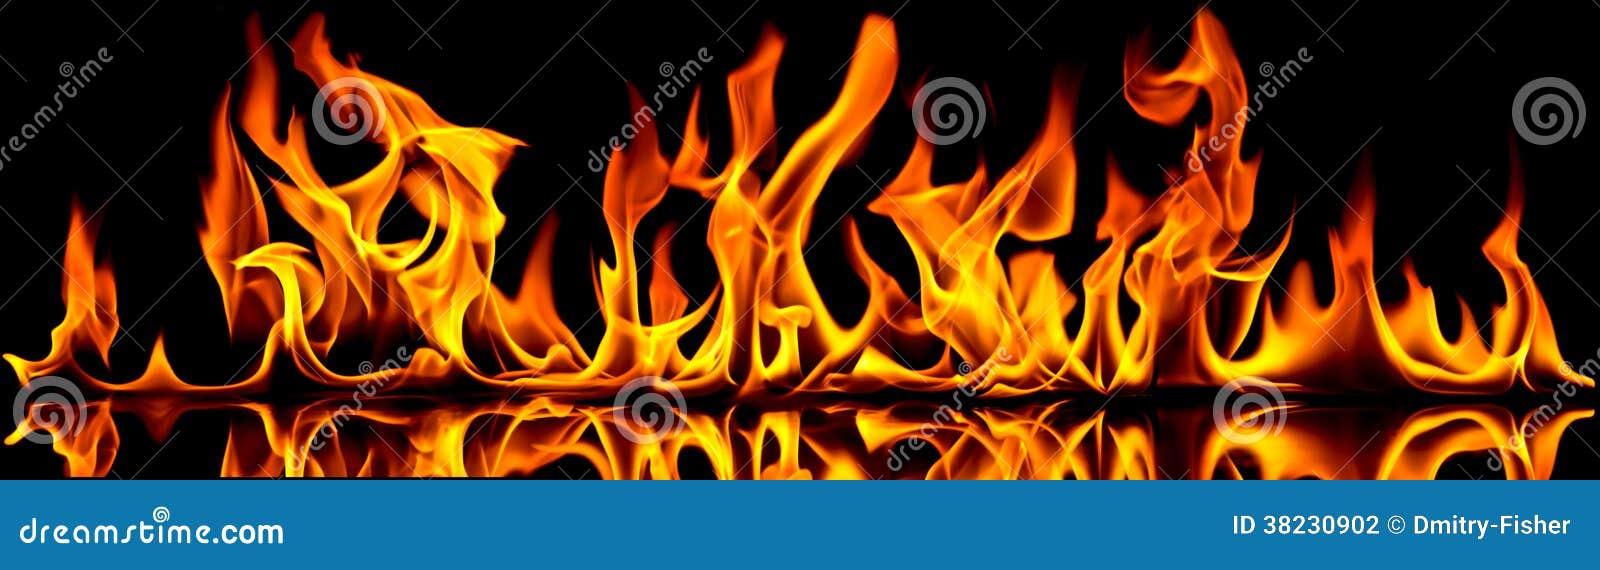 Feuer und Flammen.